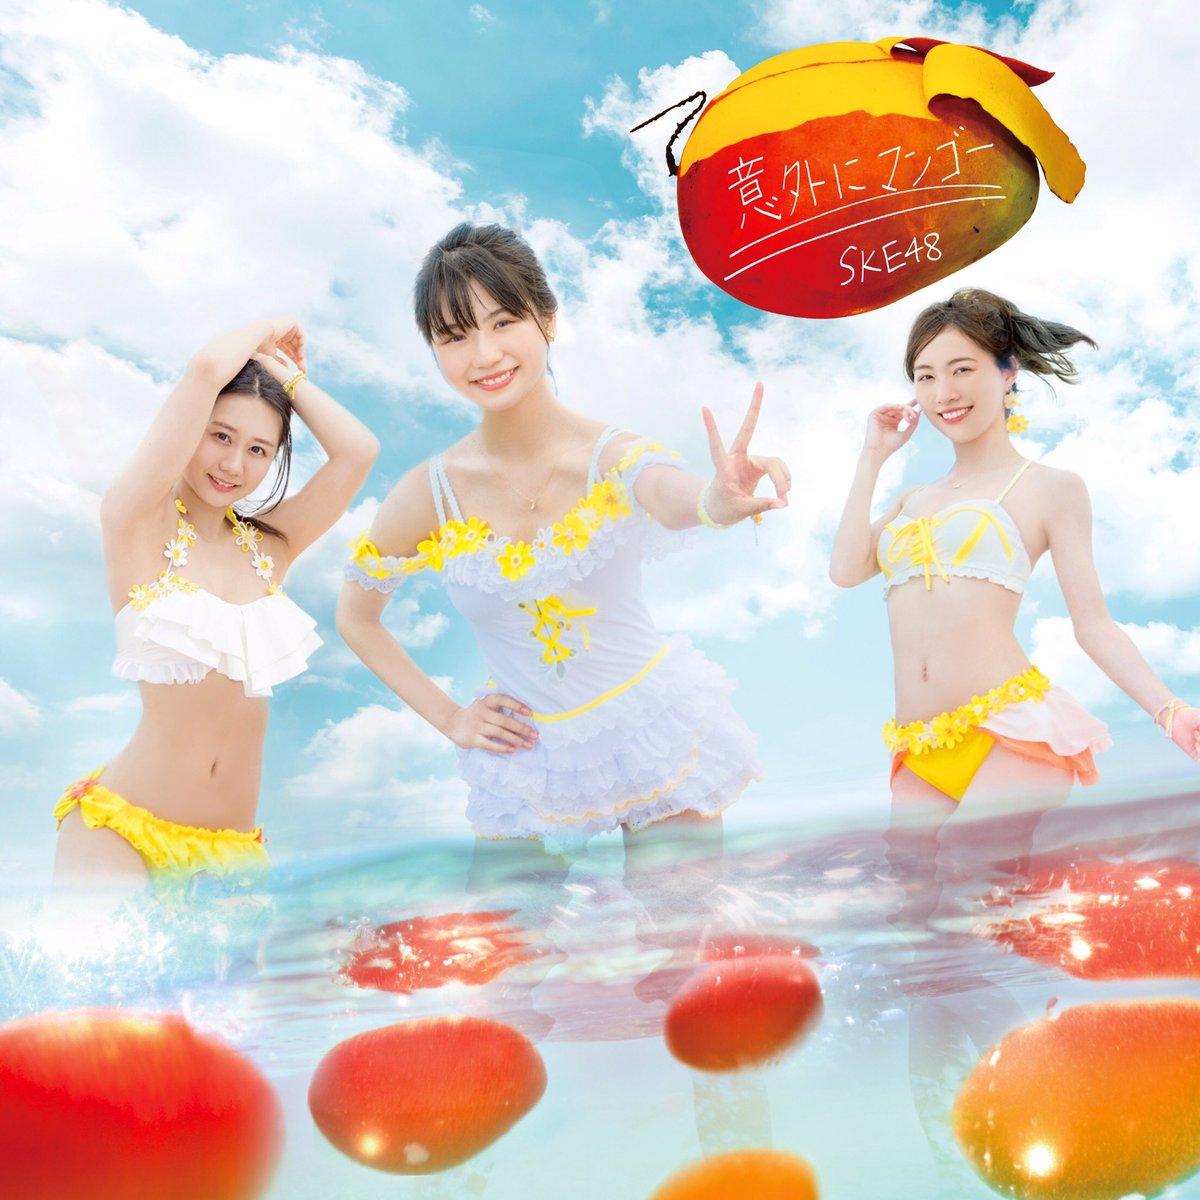 【ご案内】 7月19日発売、21stシングル「#意外にマンゴー 」のMVを公開しました。 youtube.com/watch?v=nV5eeh…  台湾の離島「澎湖」(ポンフー)で撮影を行いました。 本作は、#小畑優奈 が初センターを務めます。  宜しくお願い致します。  #SKE48